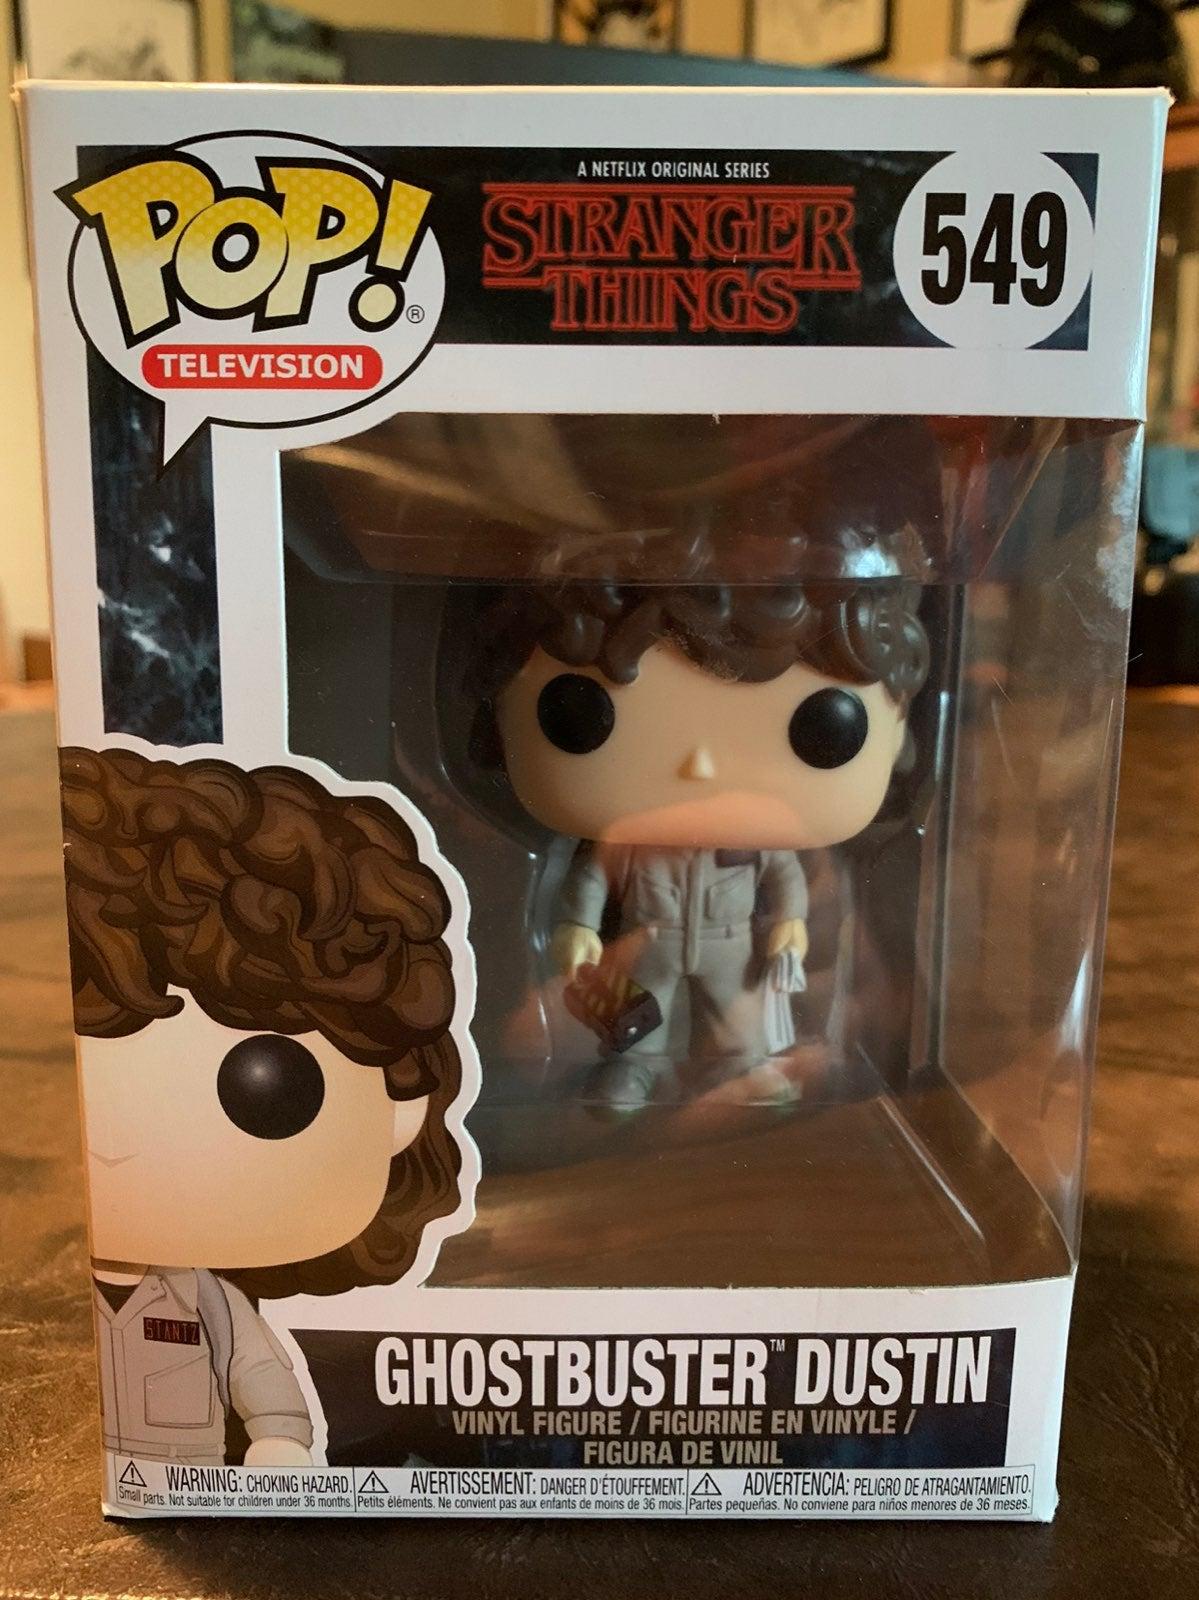 Ghostbuster Dustin Funko Pop!